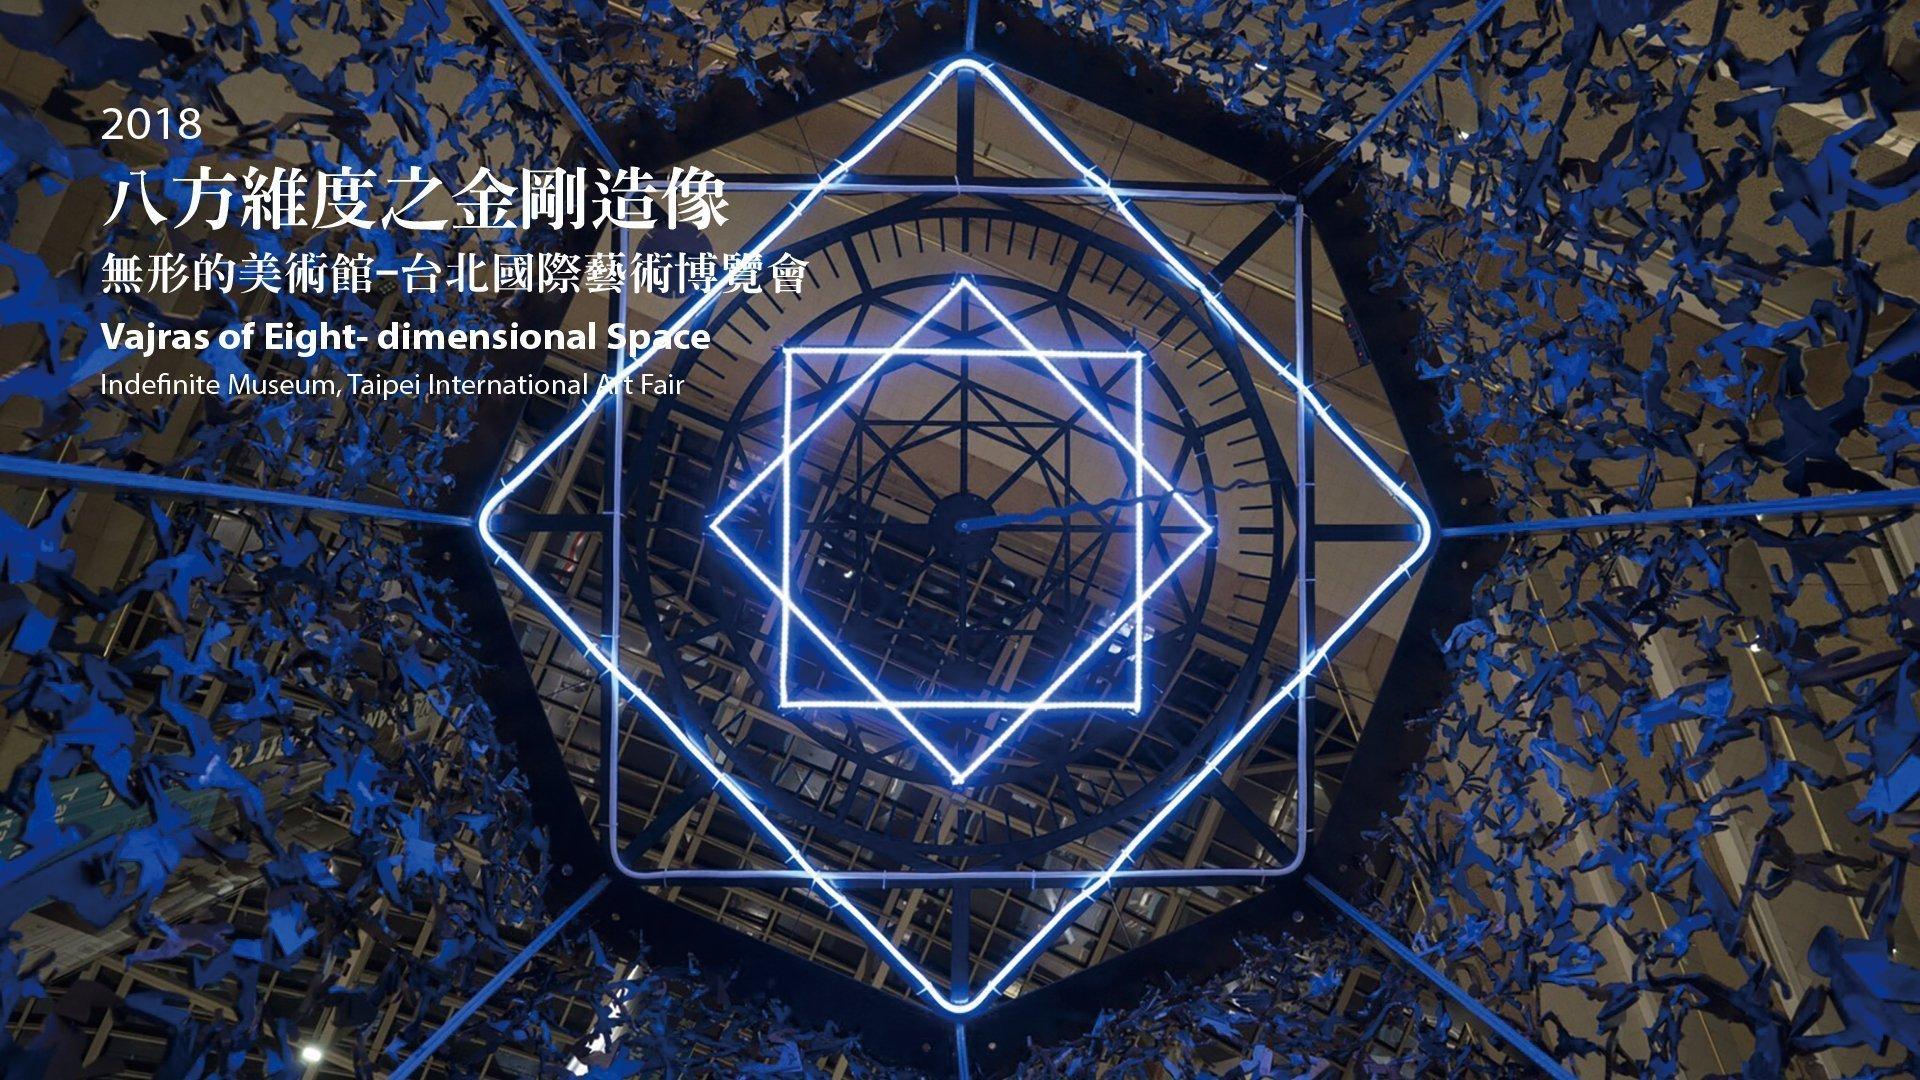 2018 無形的美術館 台北國際藝術博覽會 -